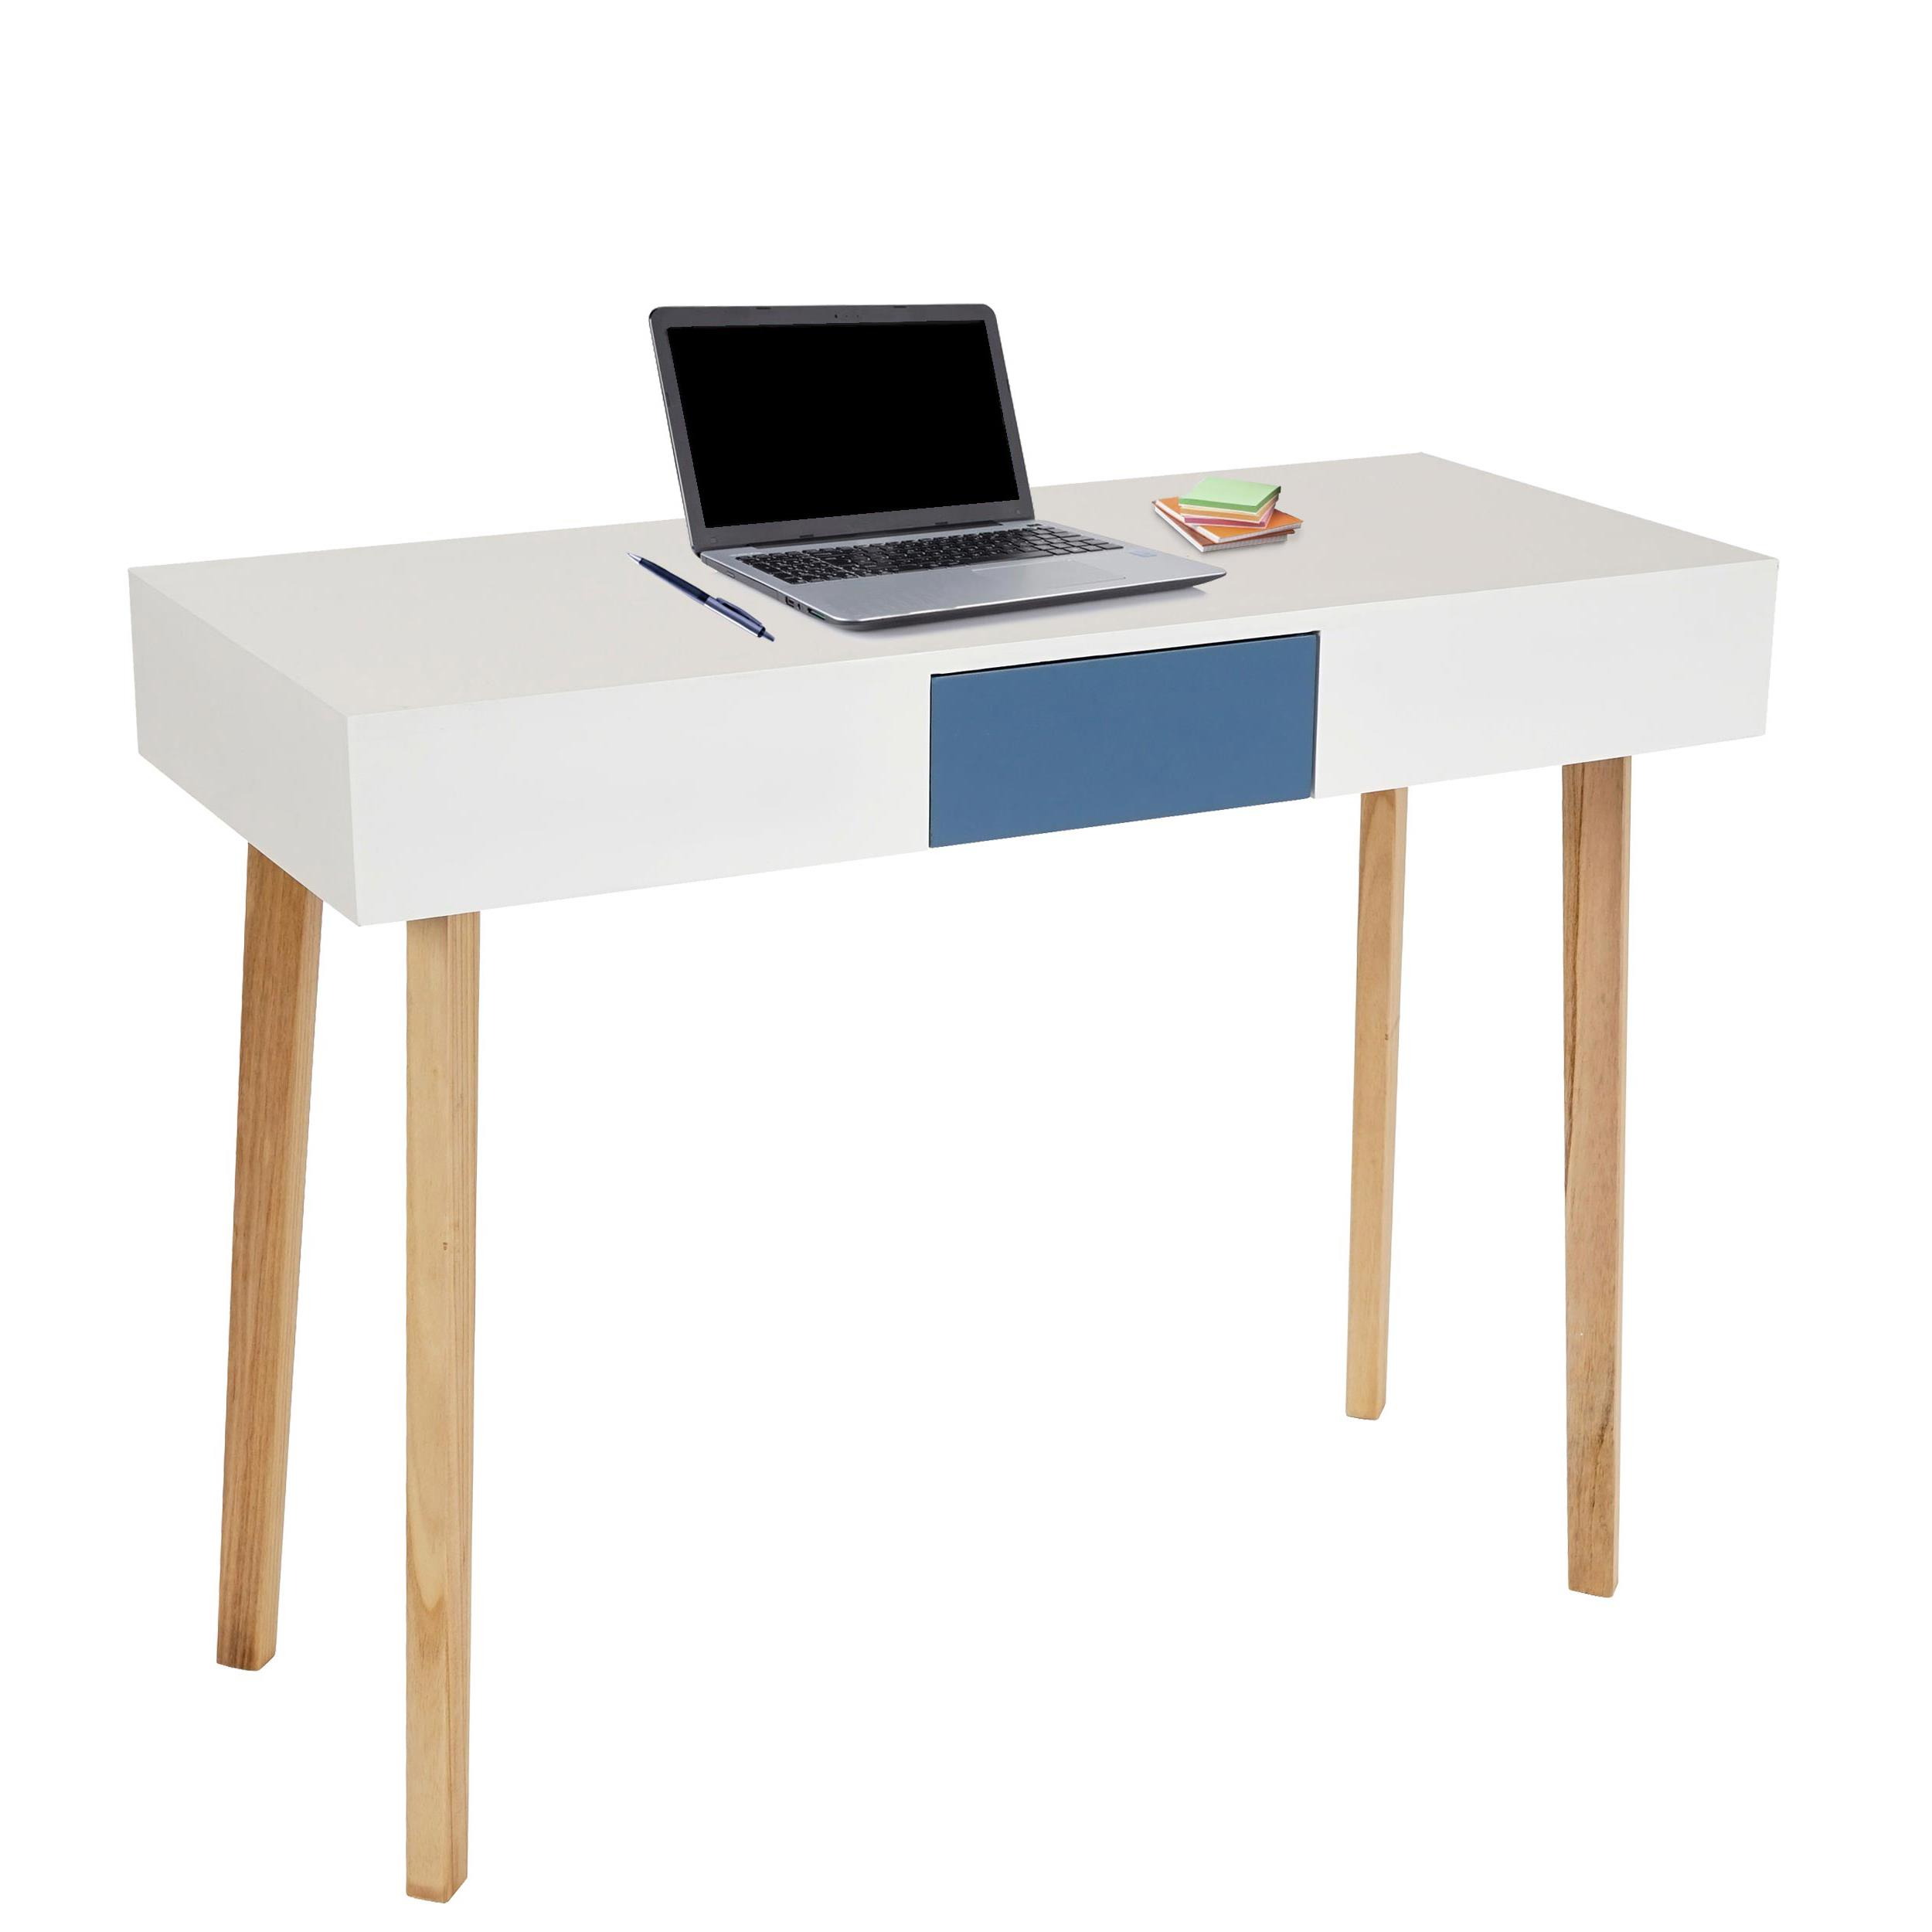 Tavolo per computer conel ripiano in legno bianco cm 120x55x82 tavolo per computer conel - Tavolo computer ikea ...